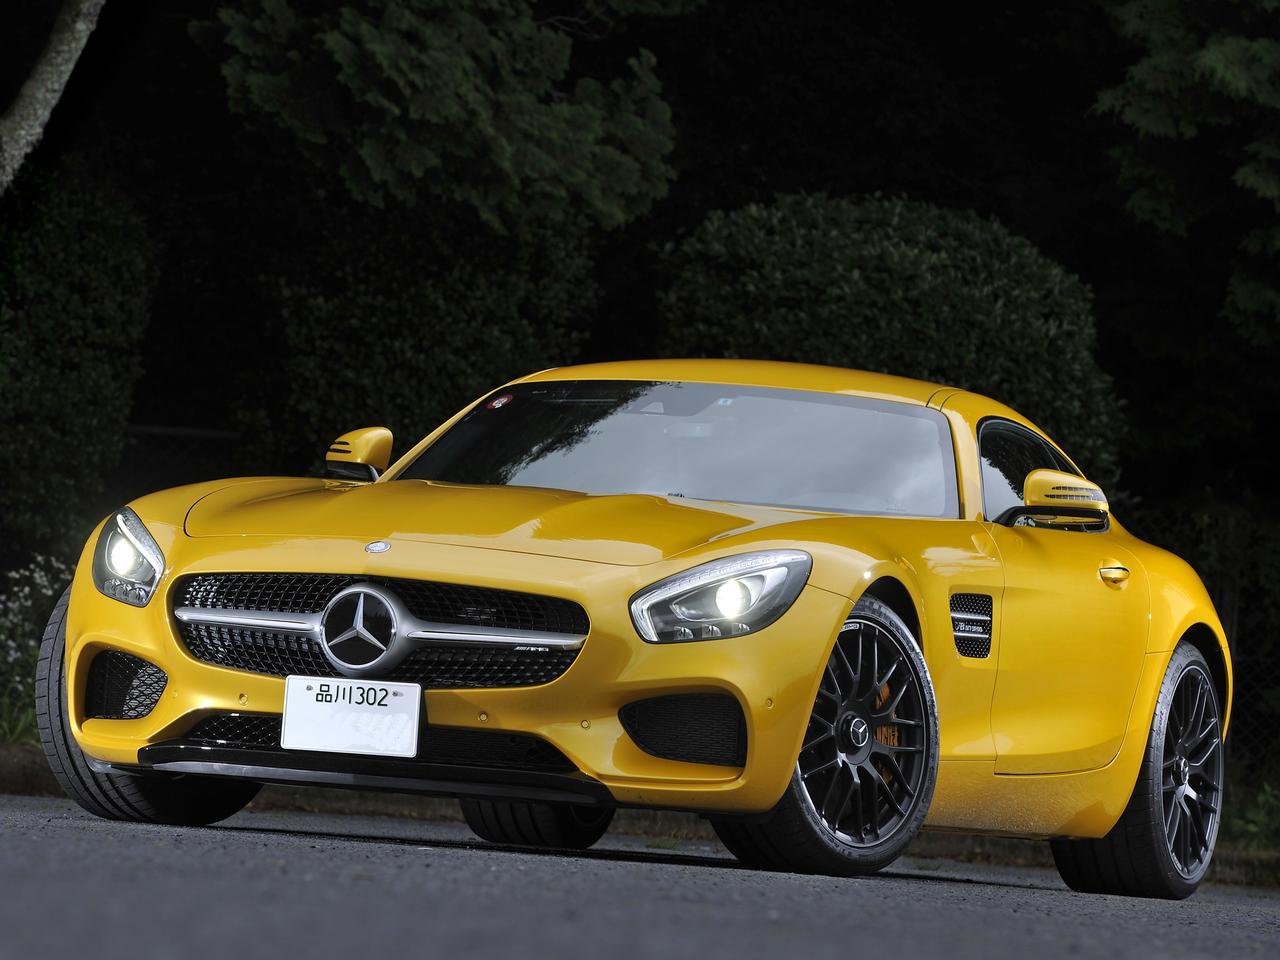 【FRへの憧憬 16】メルセデスAMG GTはレースのDNAを持つスーパースポーツモデル